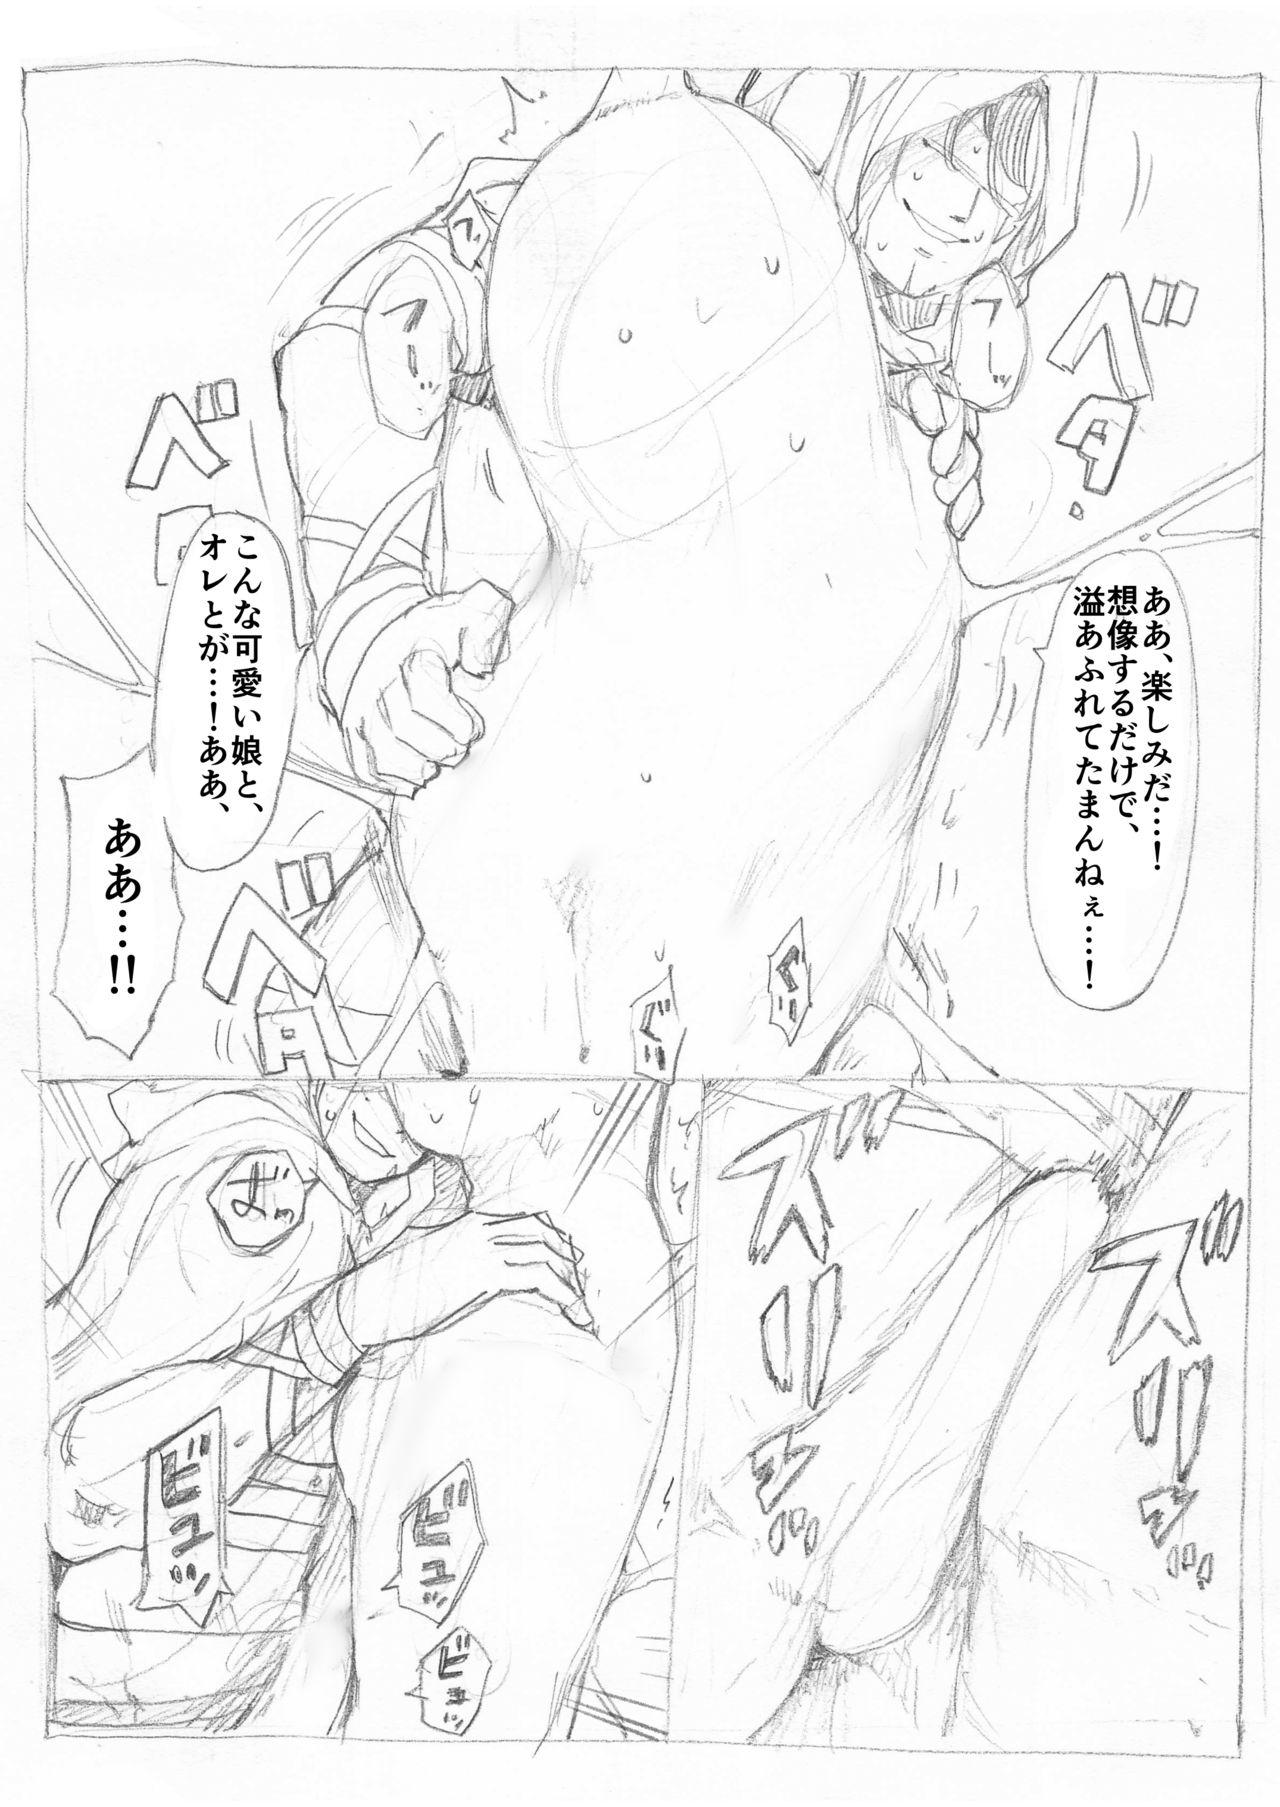 蜘蛛糸拘束漫画 7